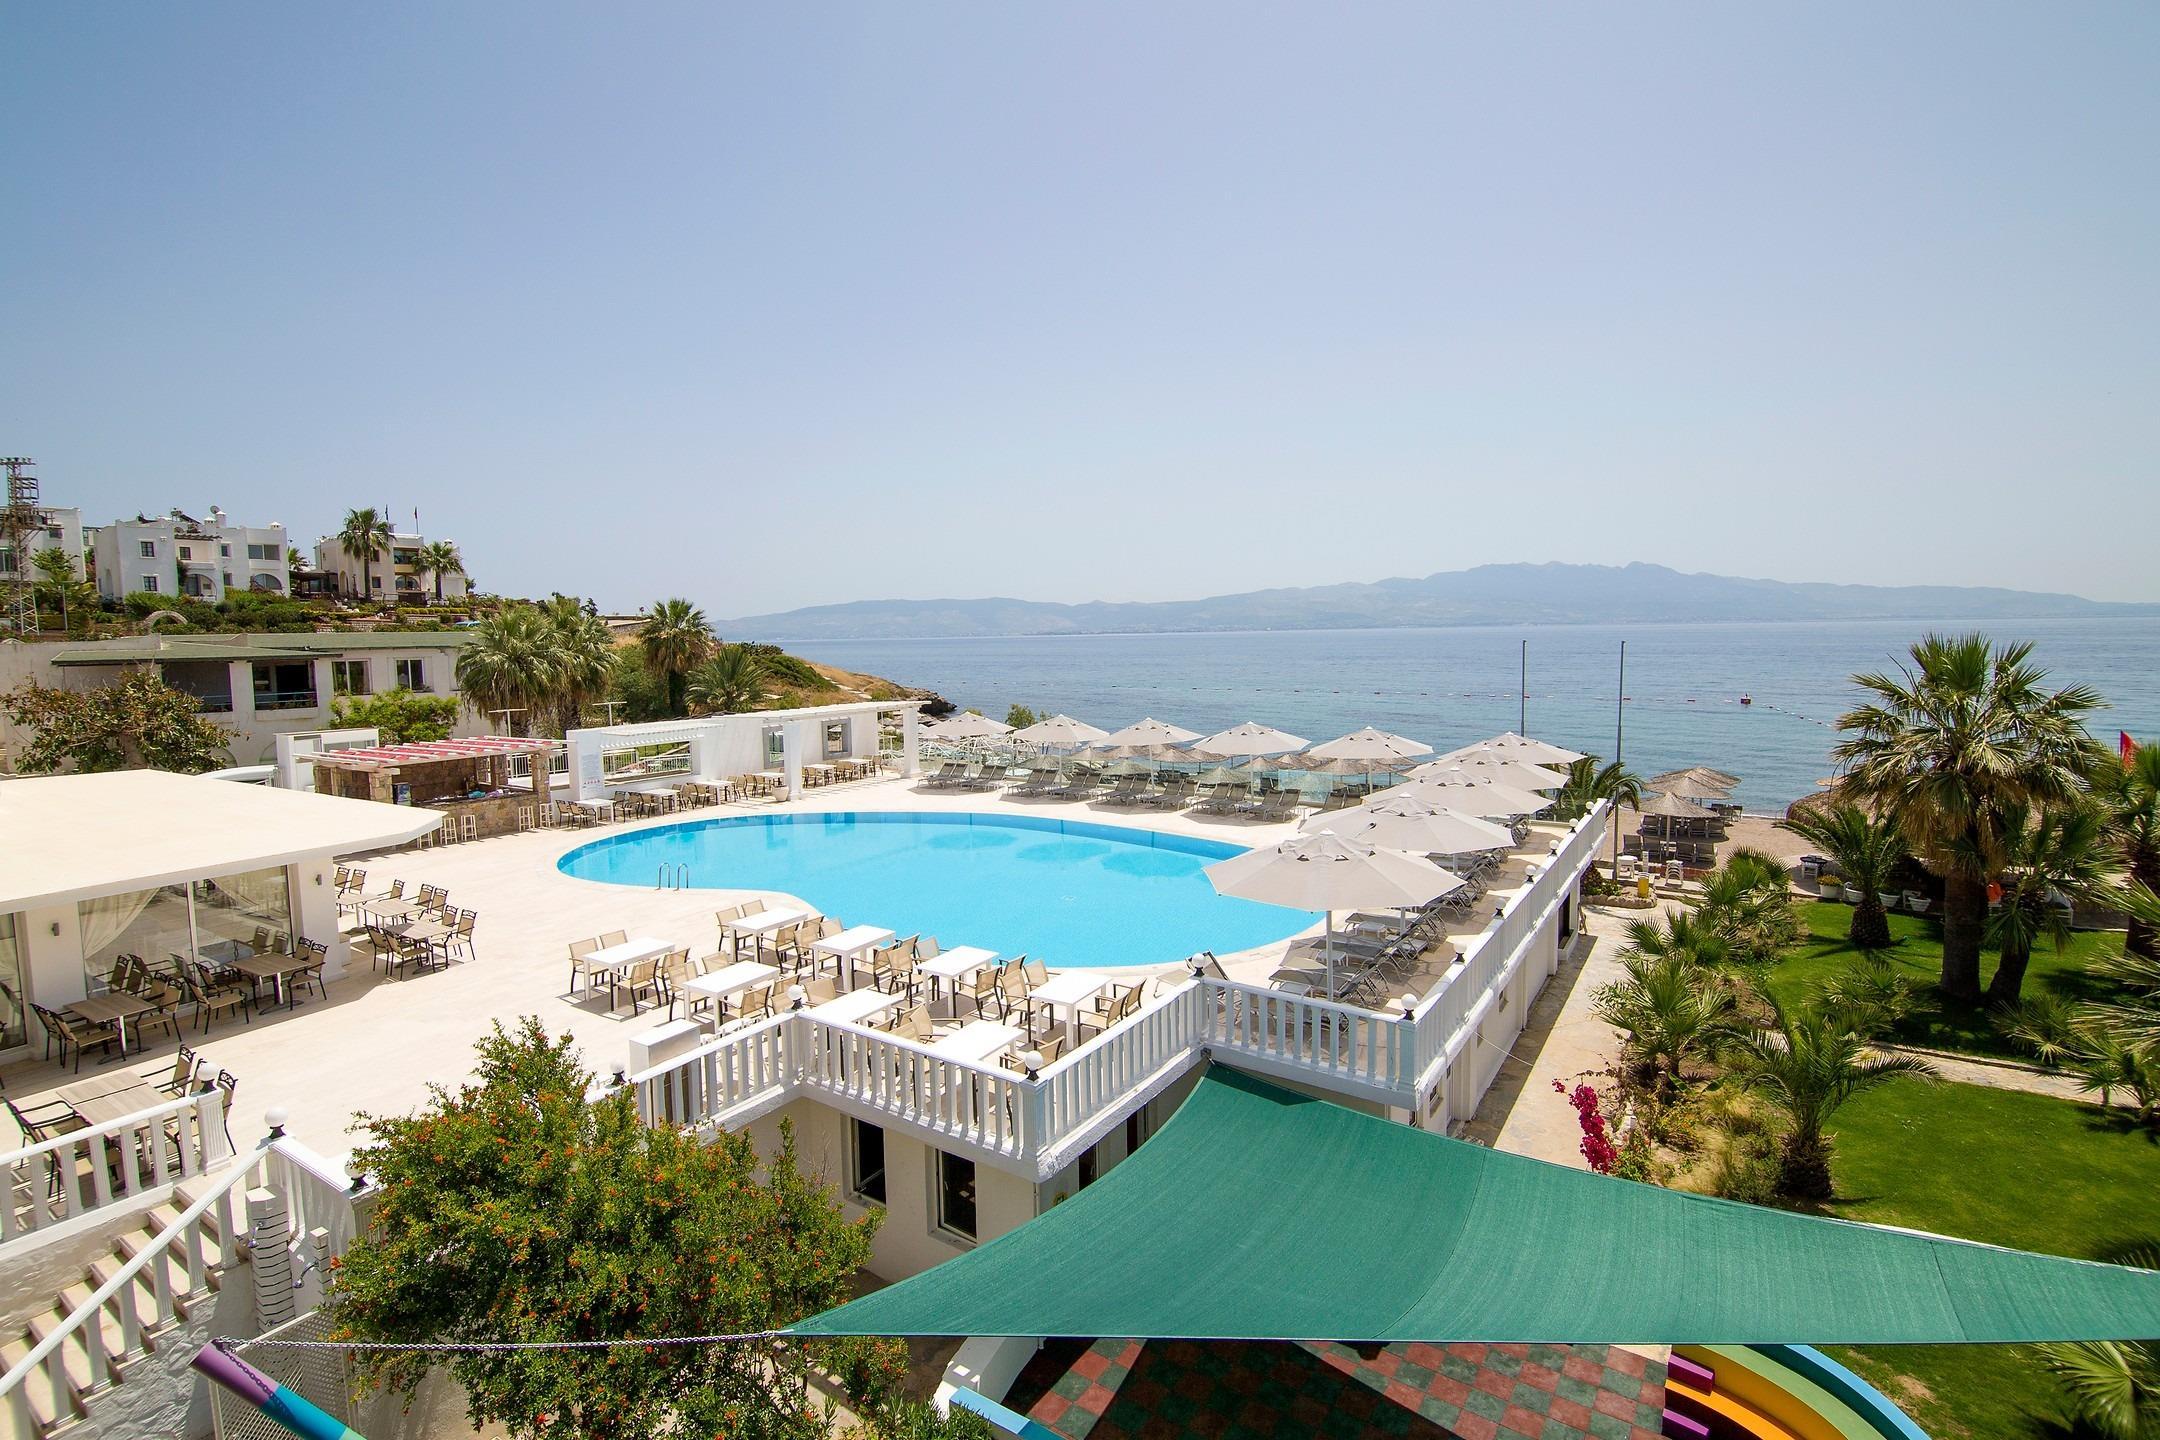 Charm Beach Resort 4* Turgutreis Tour